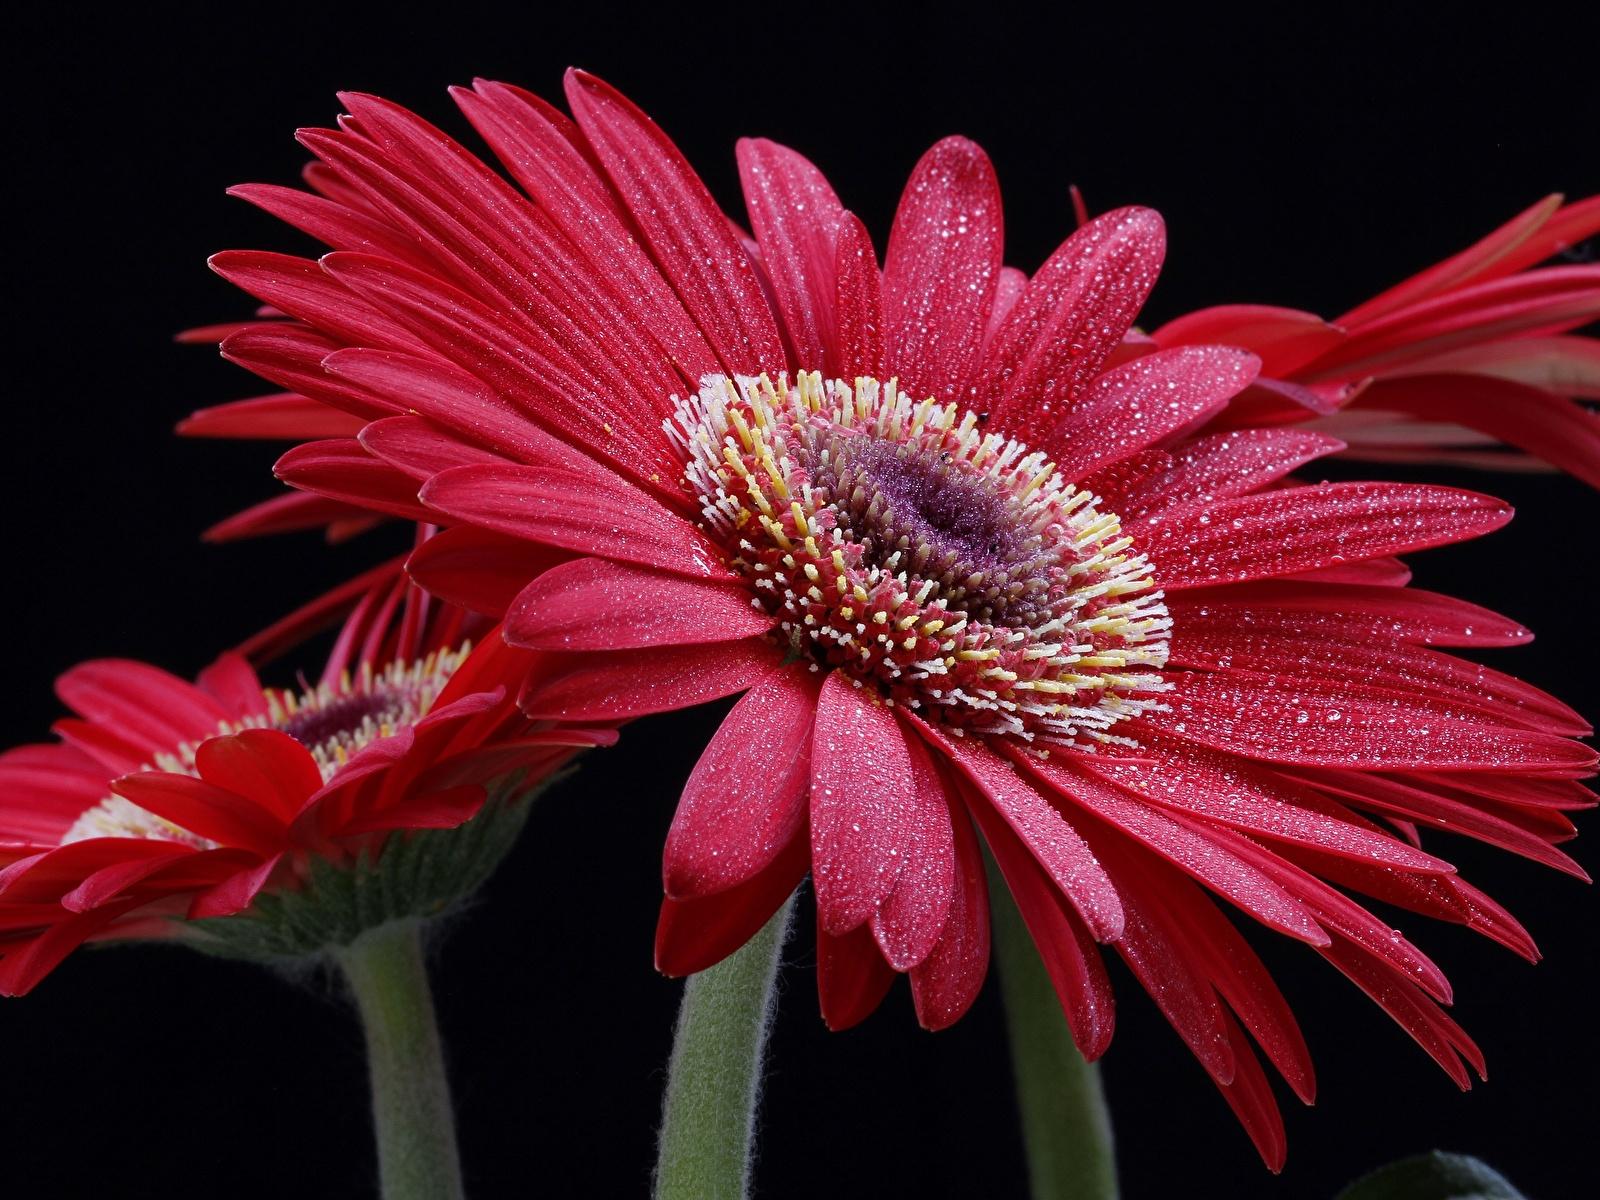 Картинки гербера Капли цветок на черном фоне Крупным планом 1600x1200 Герберы капля Цветы капель капельки вблизи Черный фон